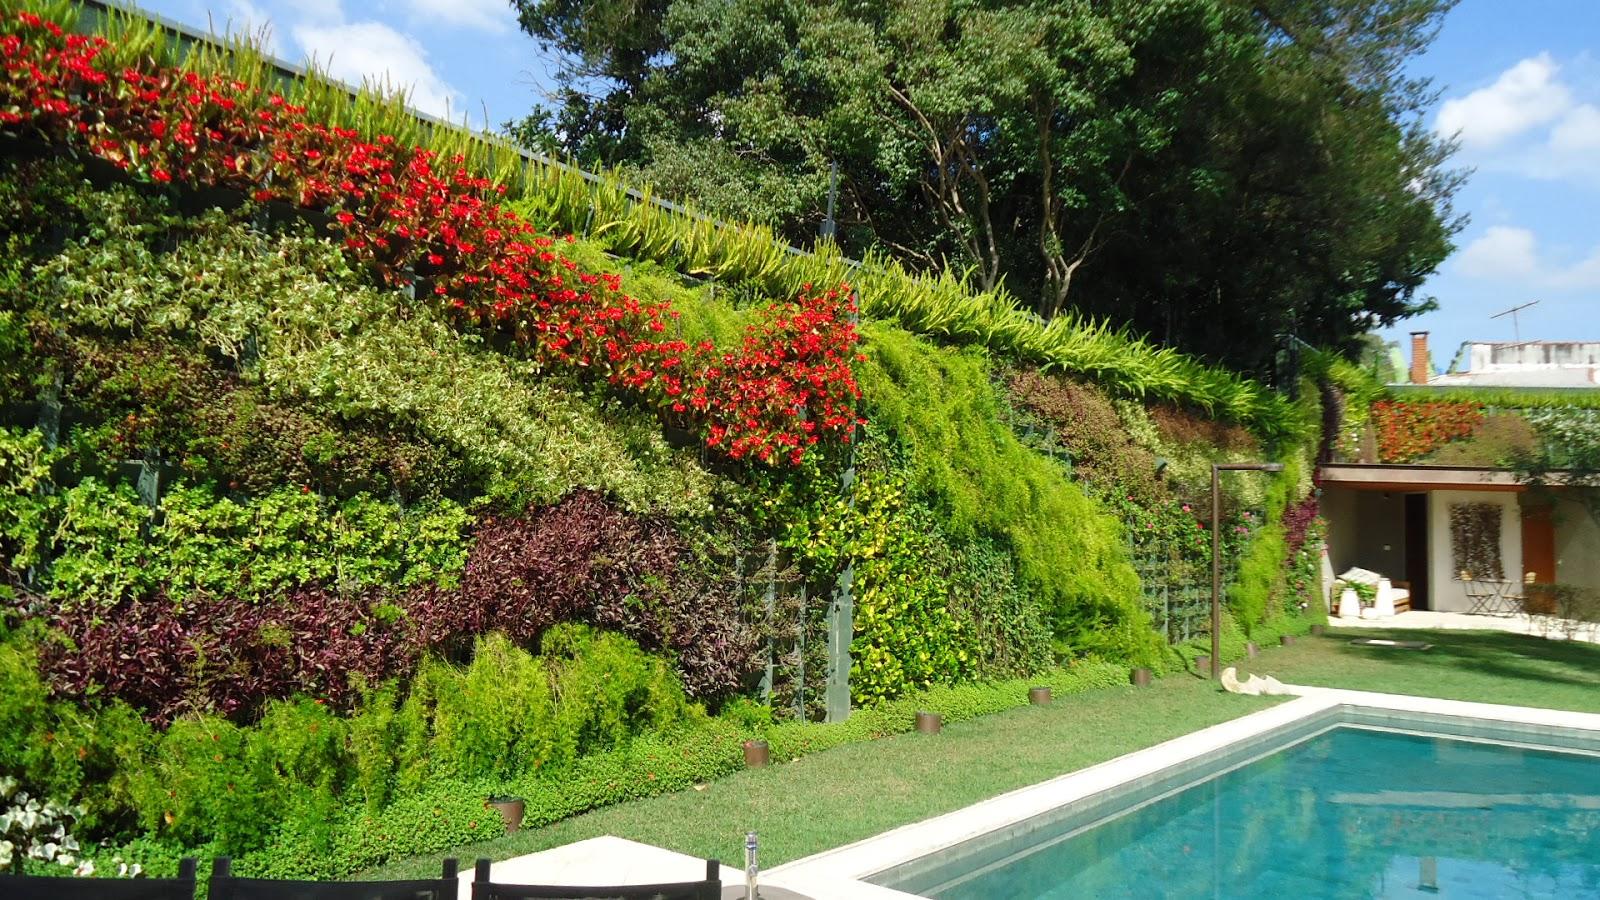 jardim vertical tijolo:Jardim Vertical, ideal para quem adora plantas e dispõe de pouco